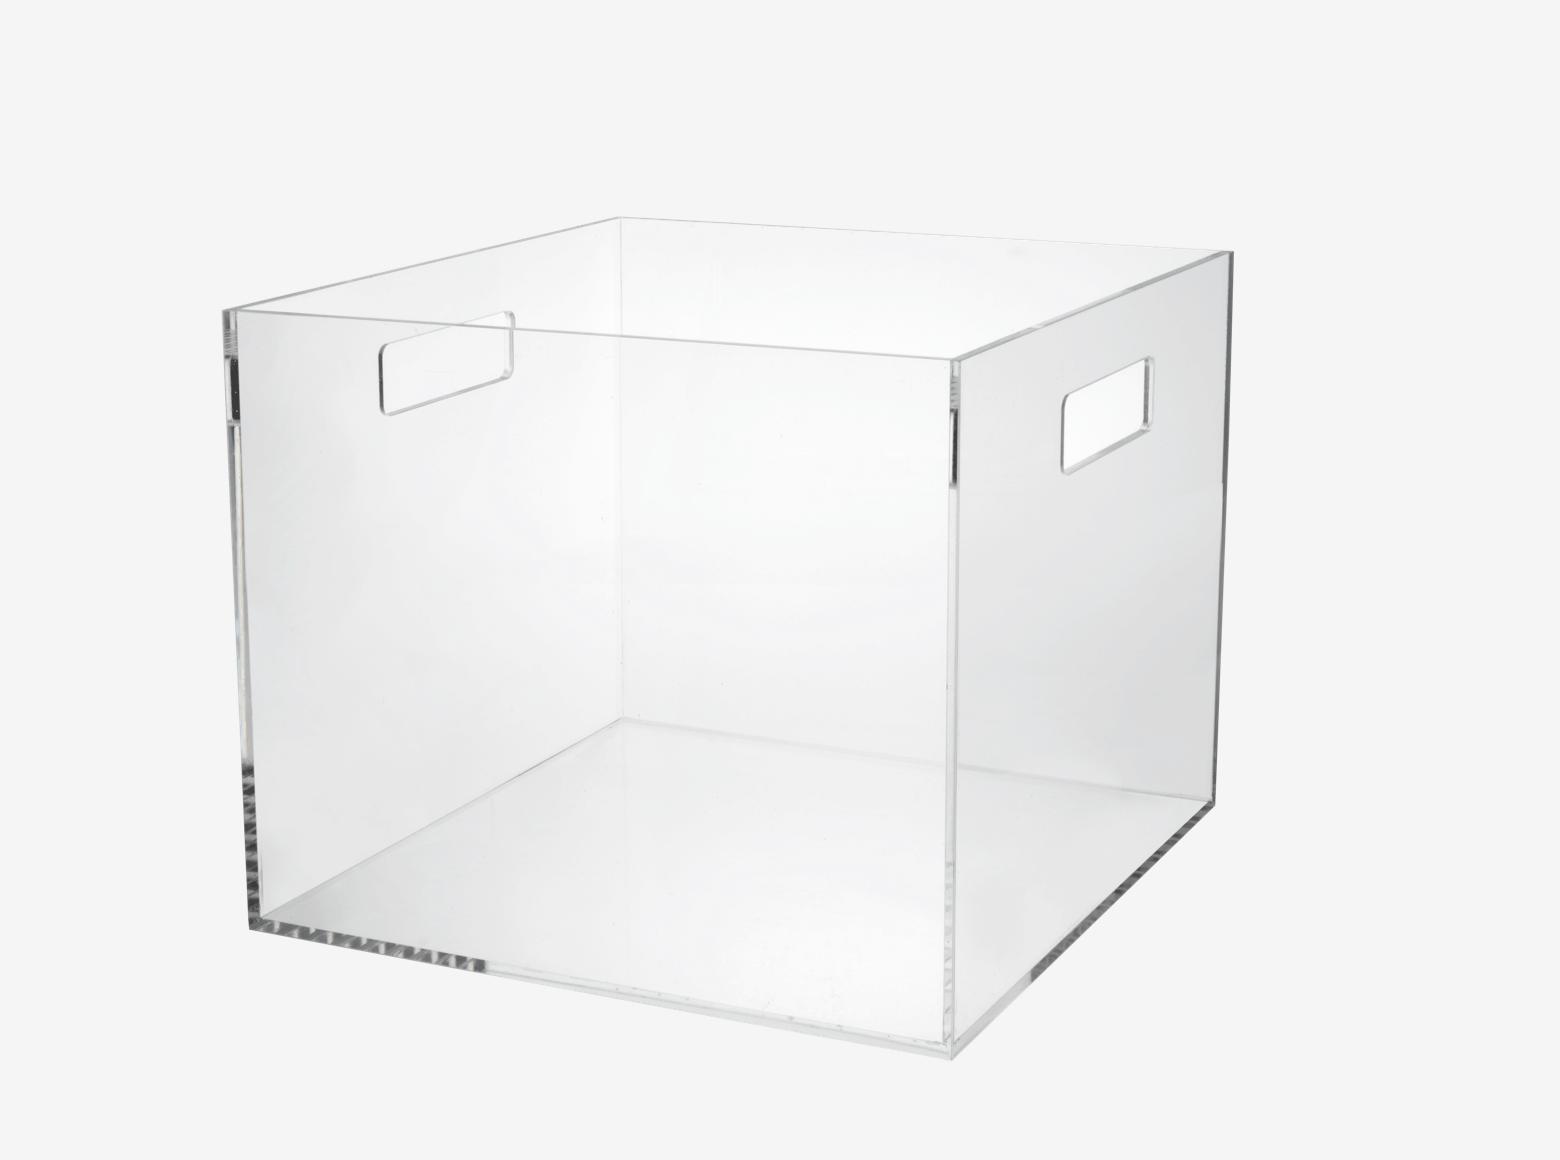 오픈형 박스2_손잡이형-롤링배너 슬라이드2